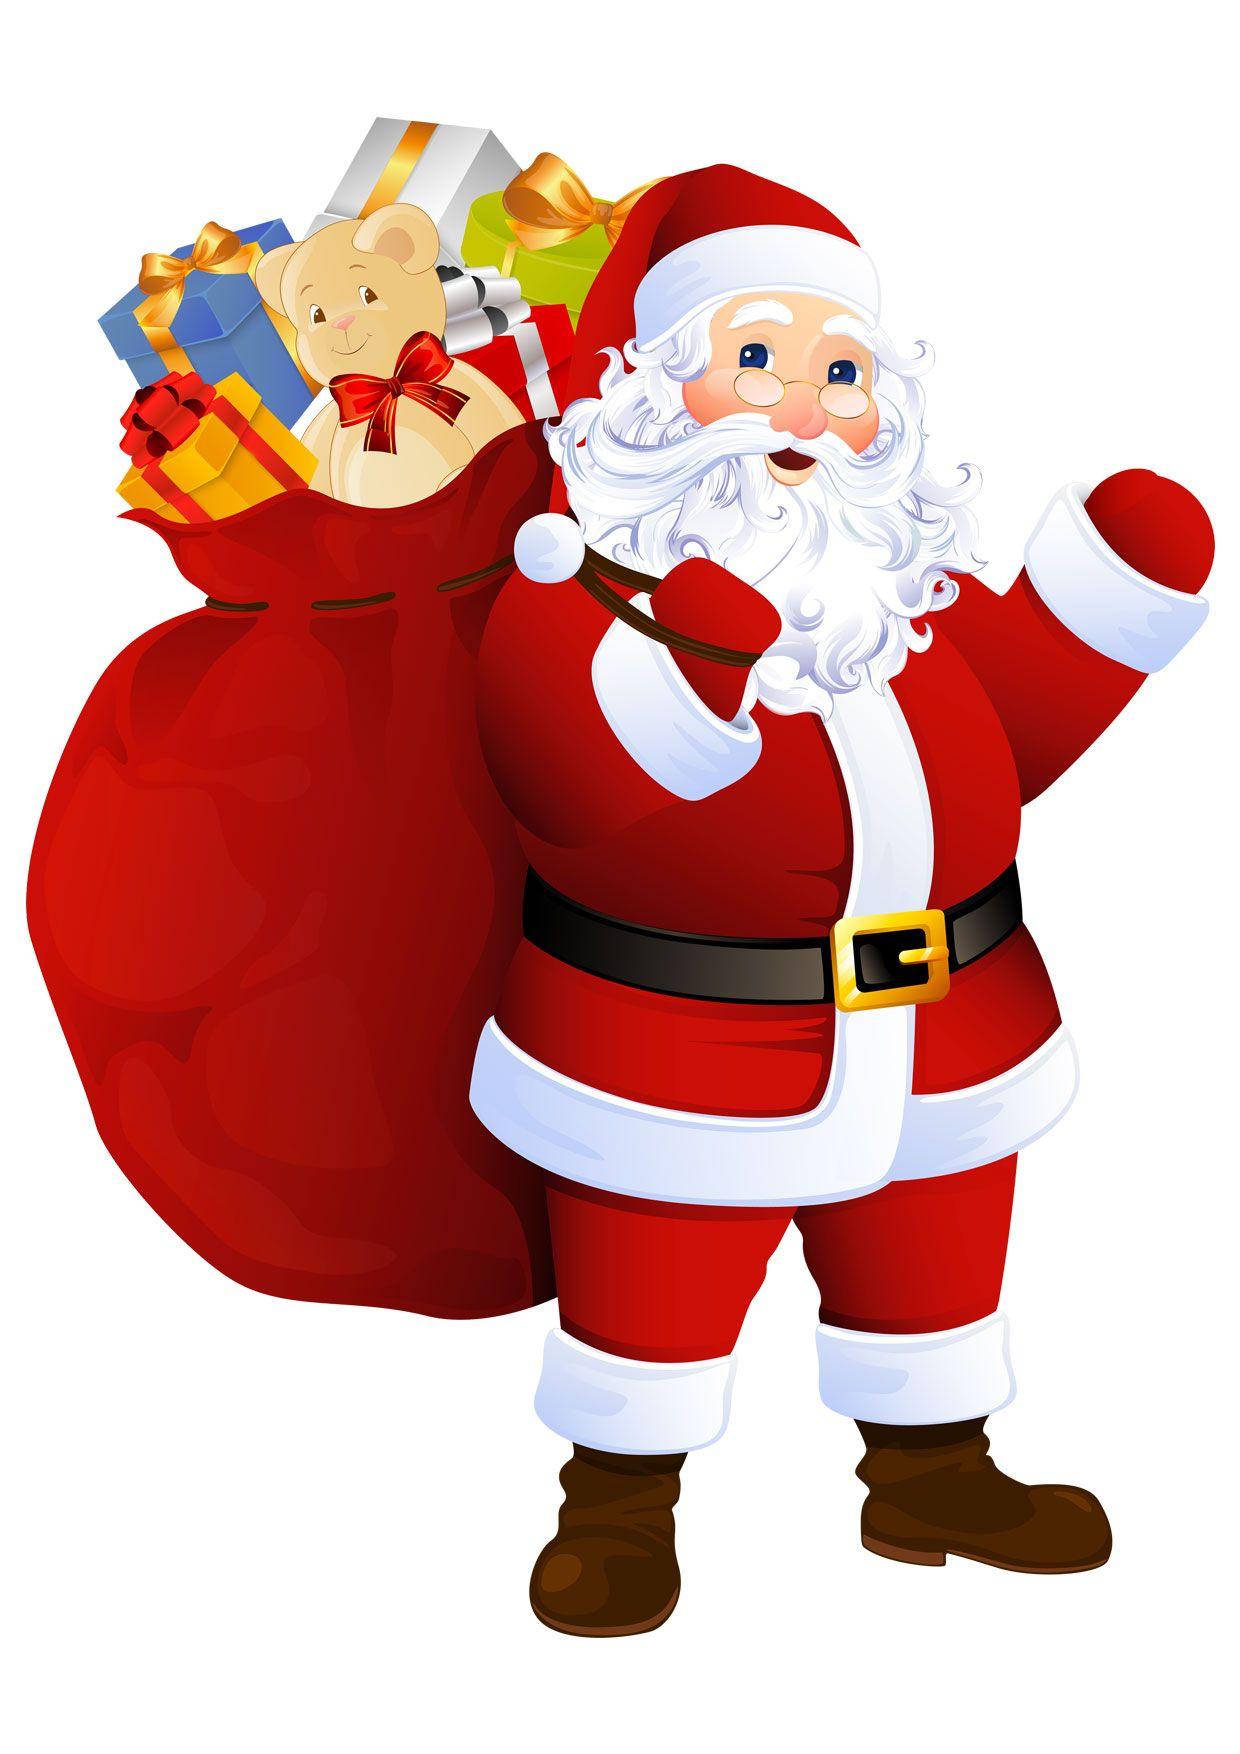 Disegno-Babbo-Natale-Colorato